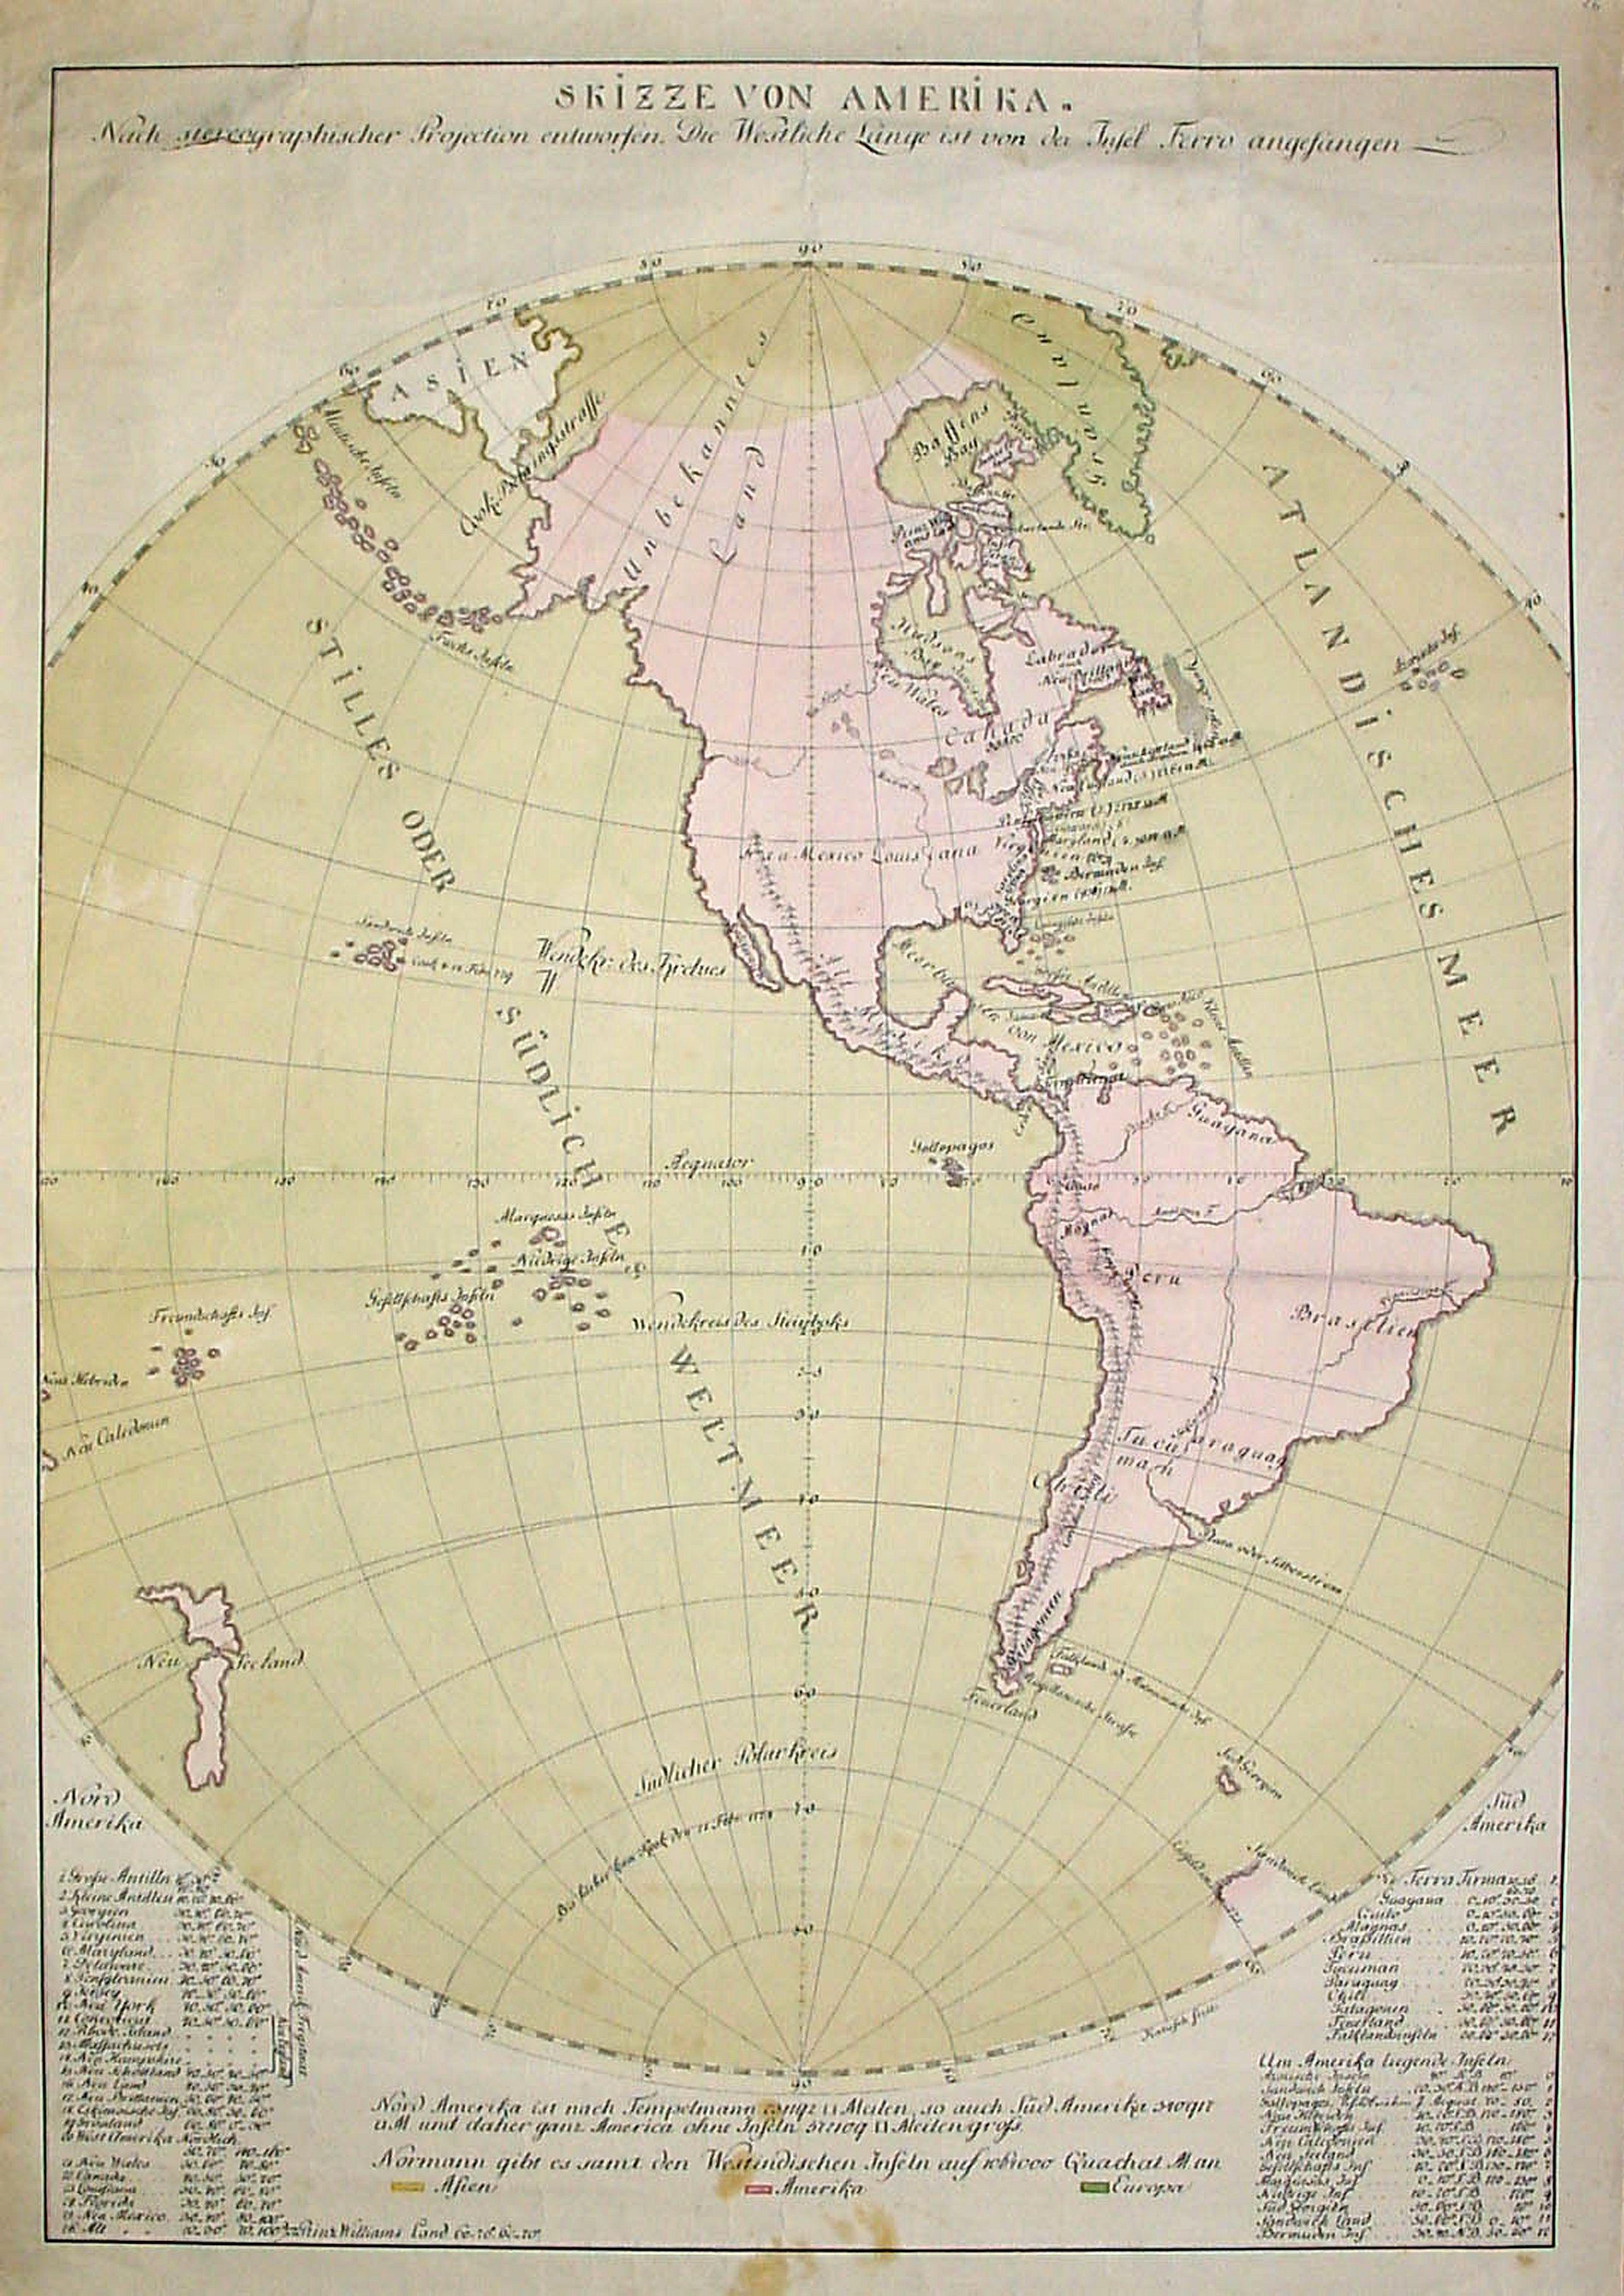 KATUSCH -  Skizze von Amerika. (Manuscript)